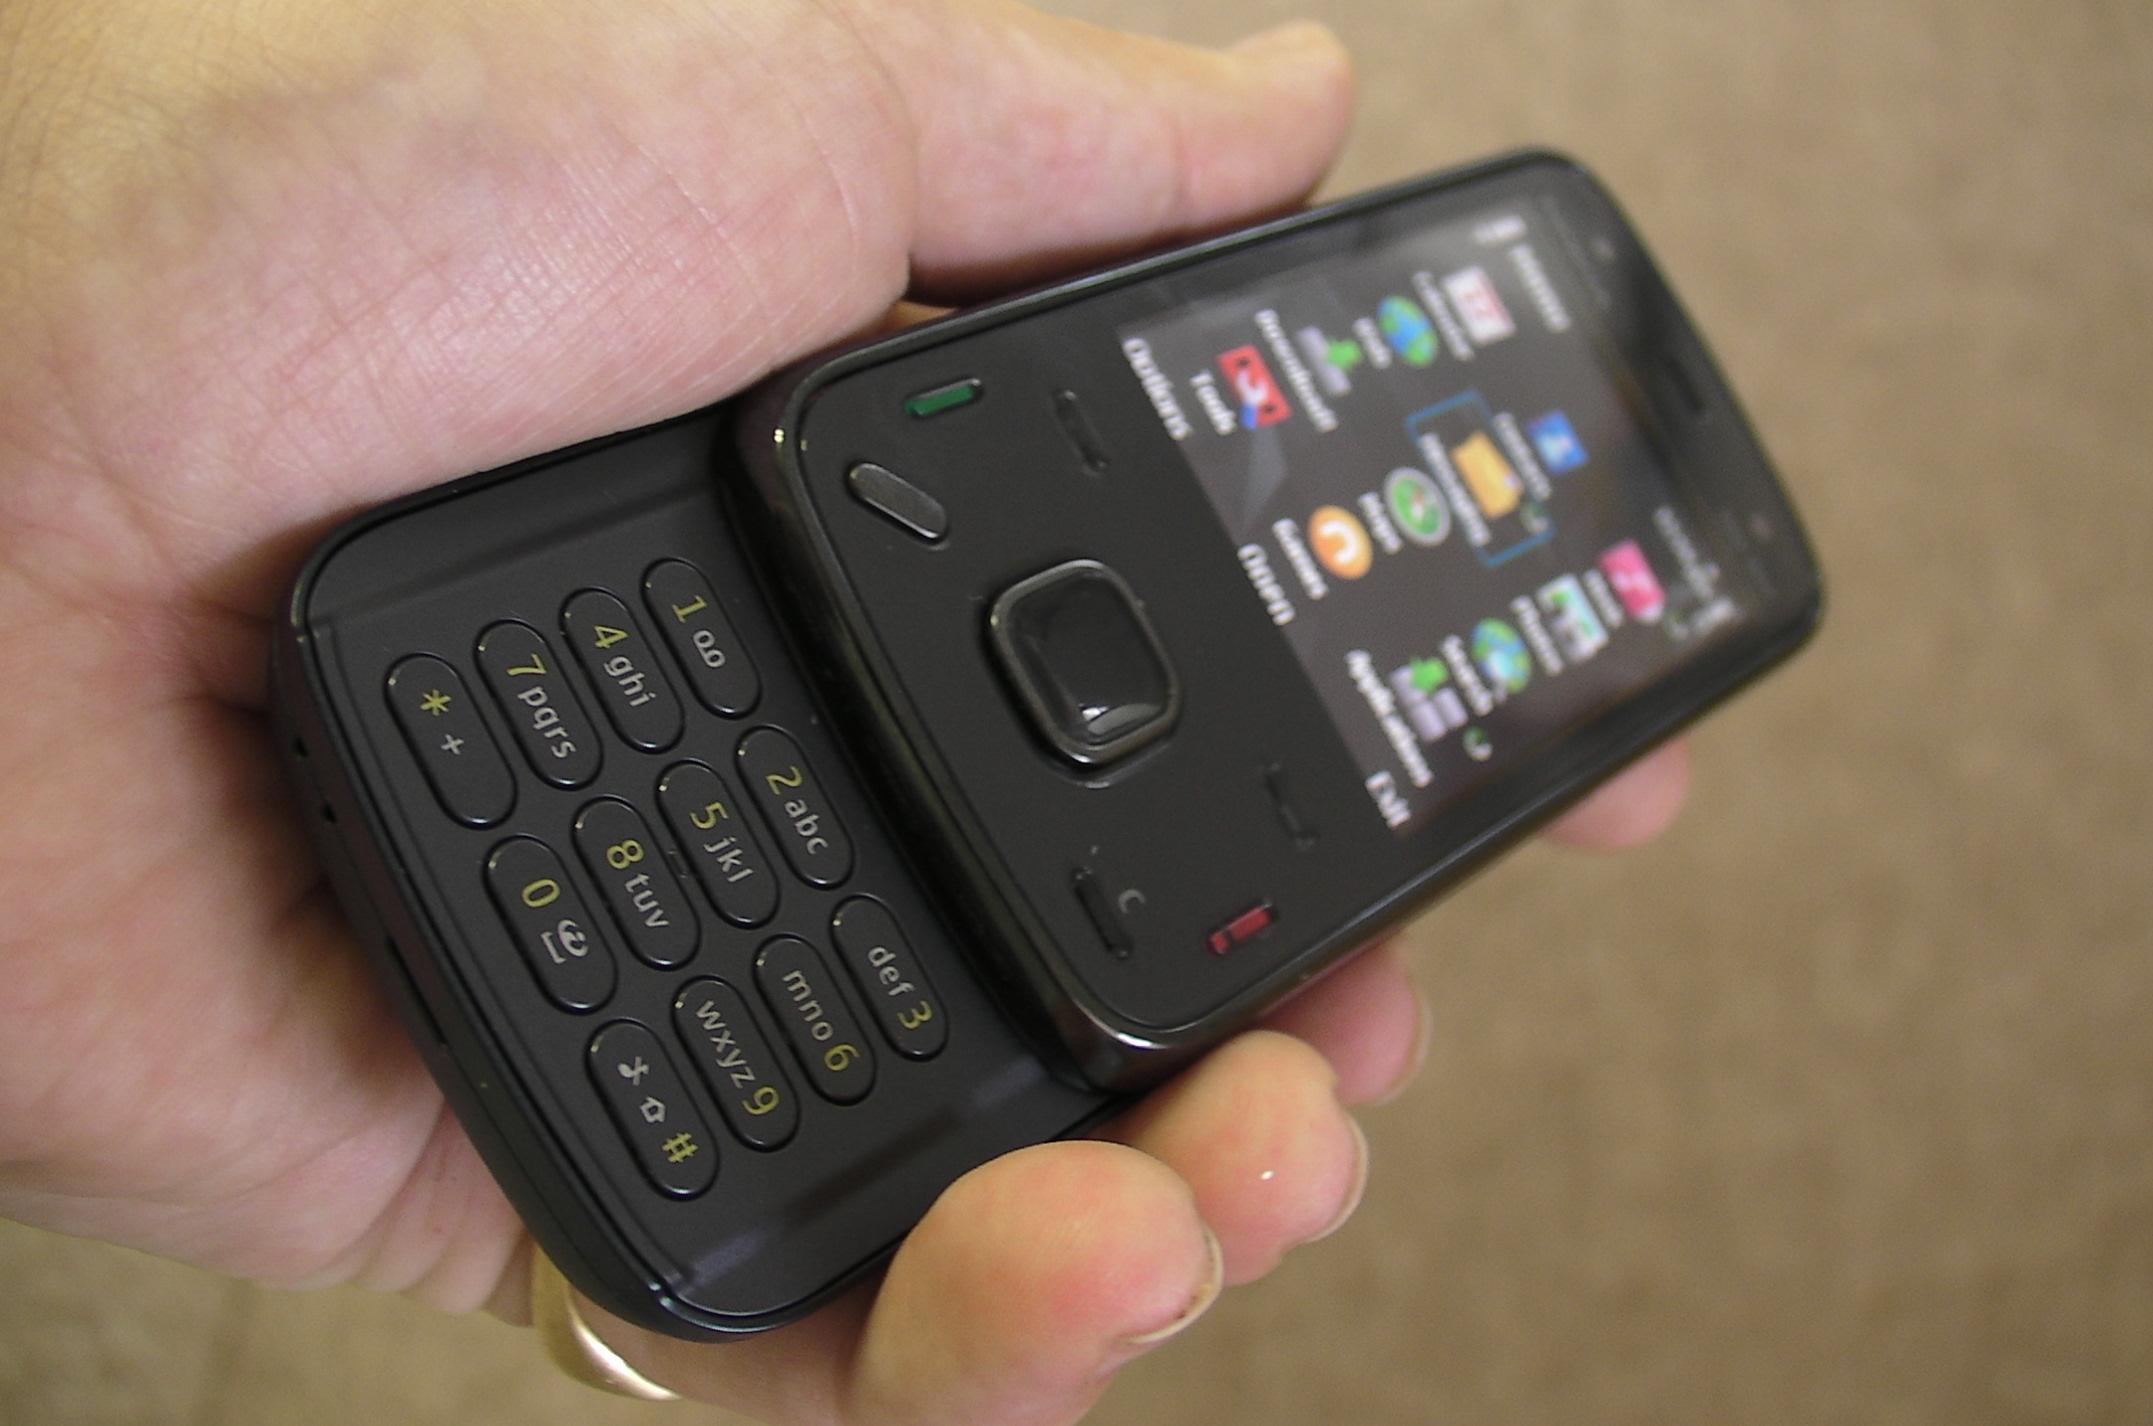 Nokia n86 8mp купить частные объявления php скрипт доска бесплатных объявлений